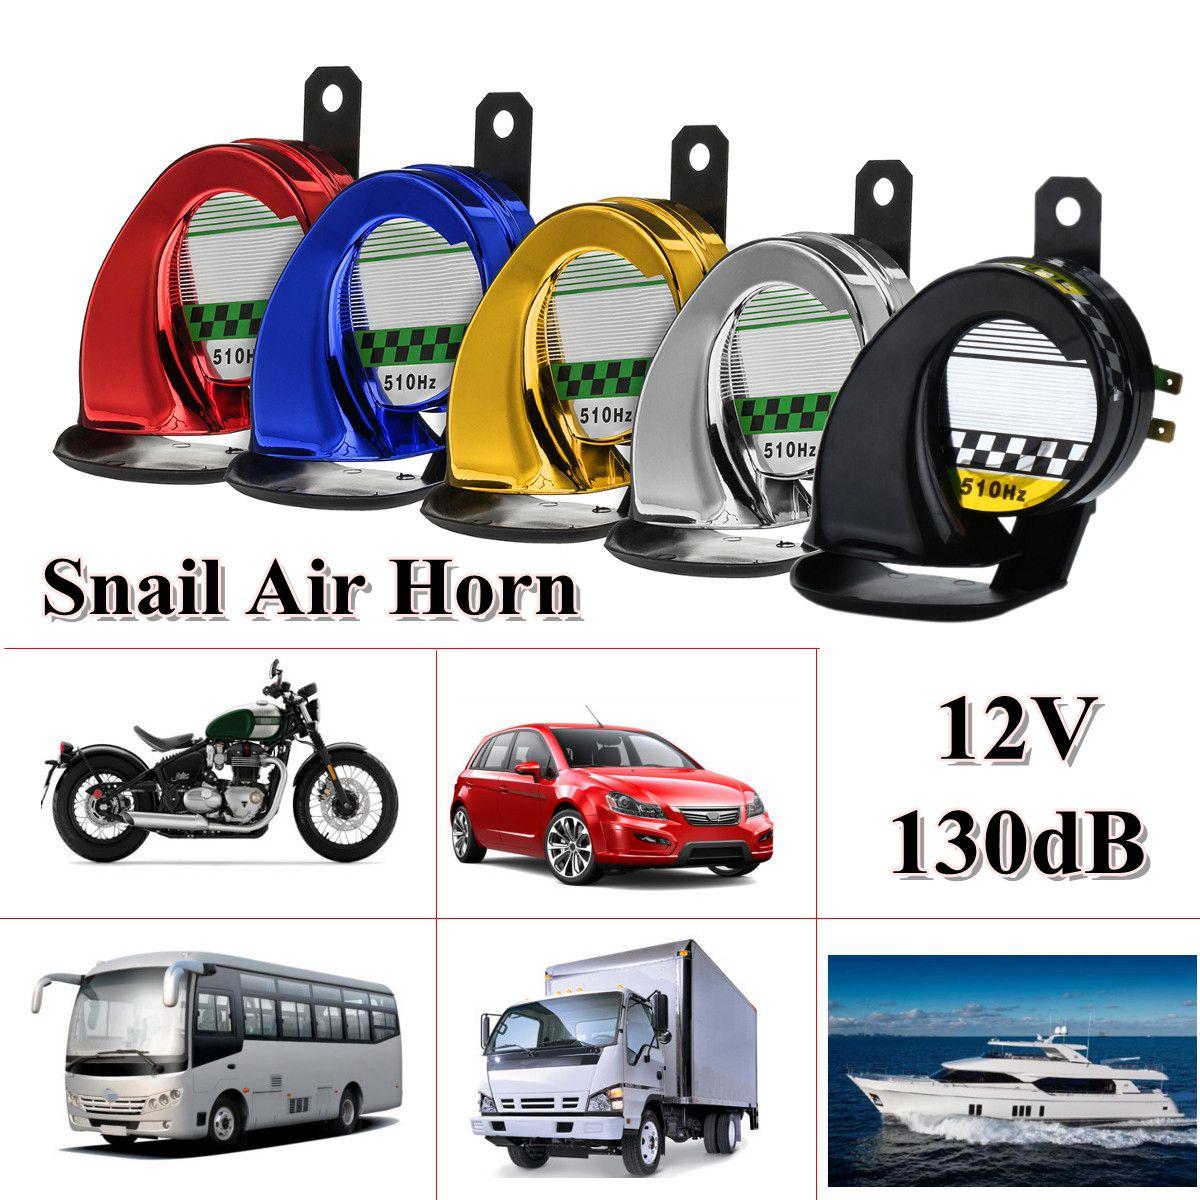 Universal 12 v DC Wasserdicht Schnecke Luft Motorrad Horn Sirene Laut 130dB für Lkw Motorrad Rot Gold Blau Silber Schwarz